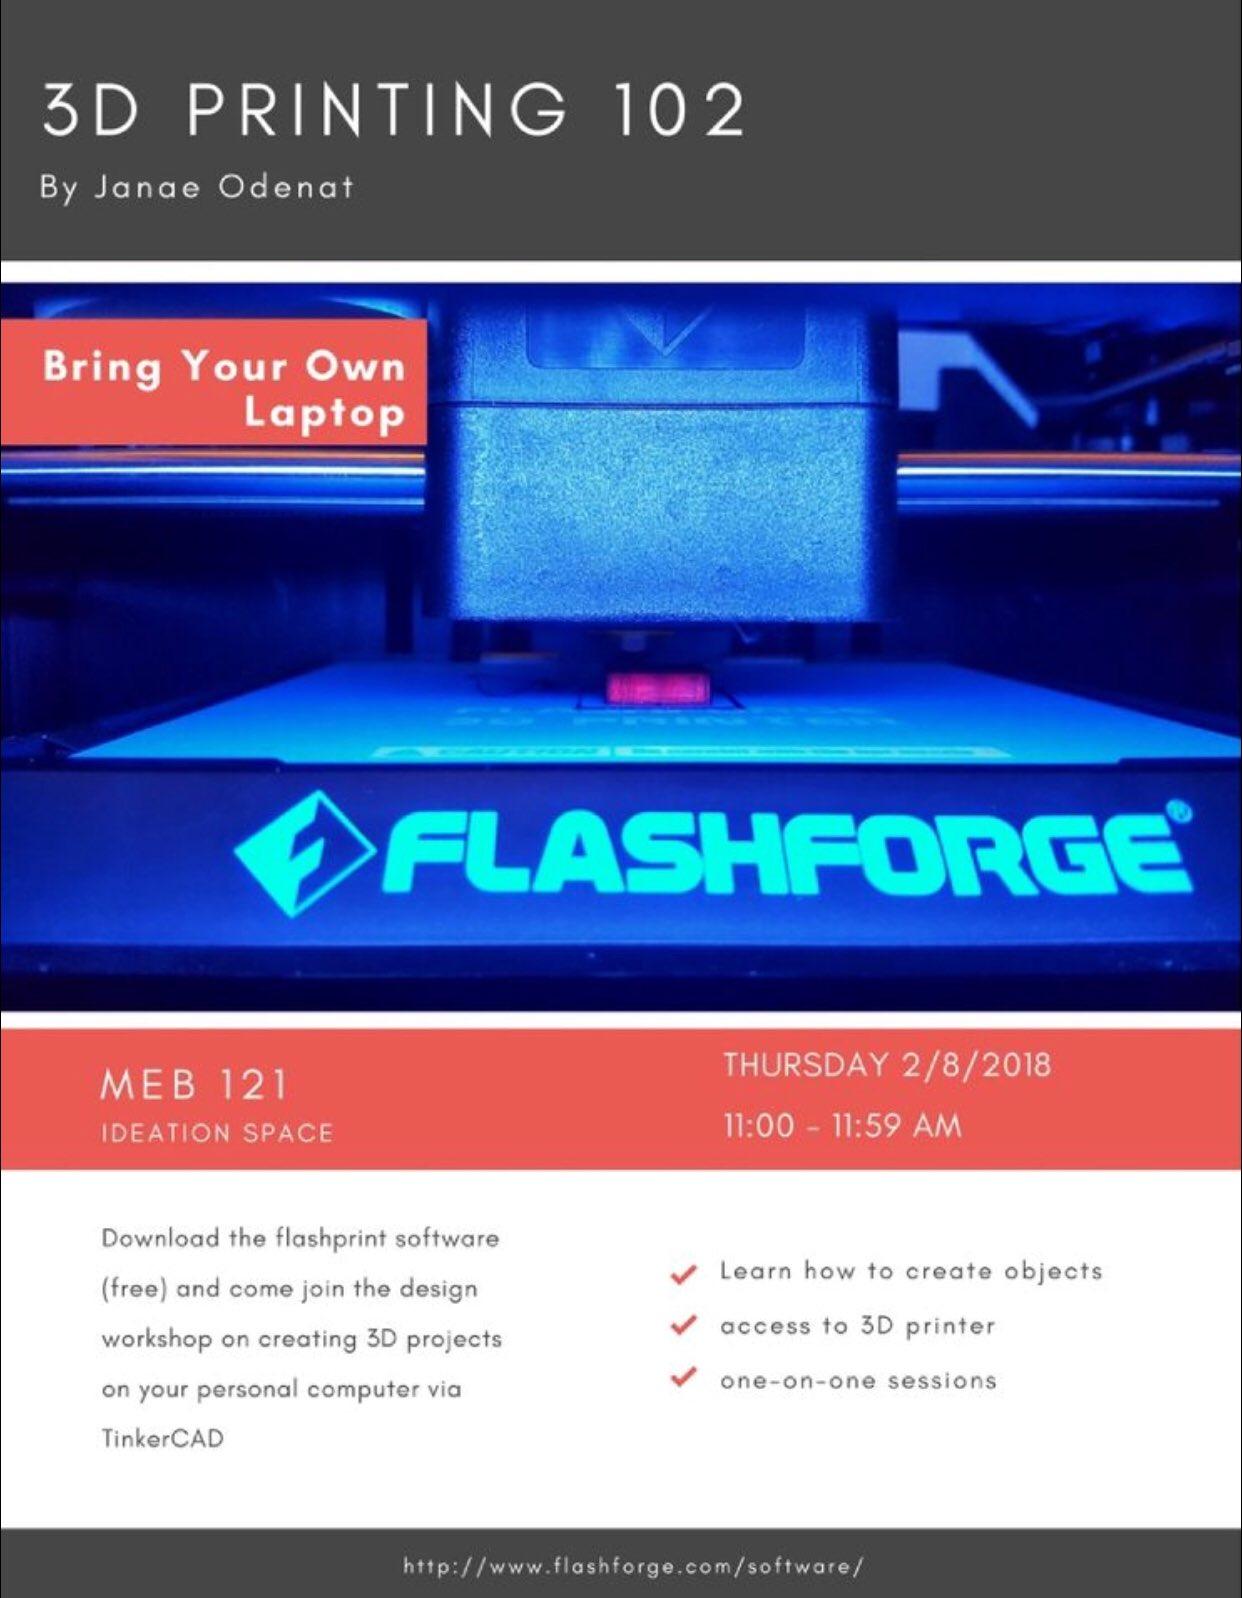 download flashprint